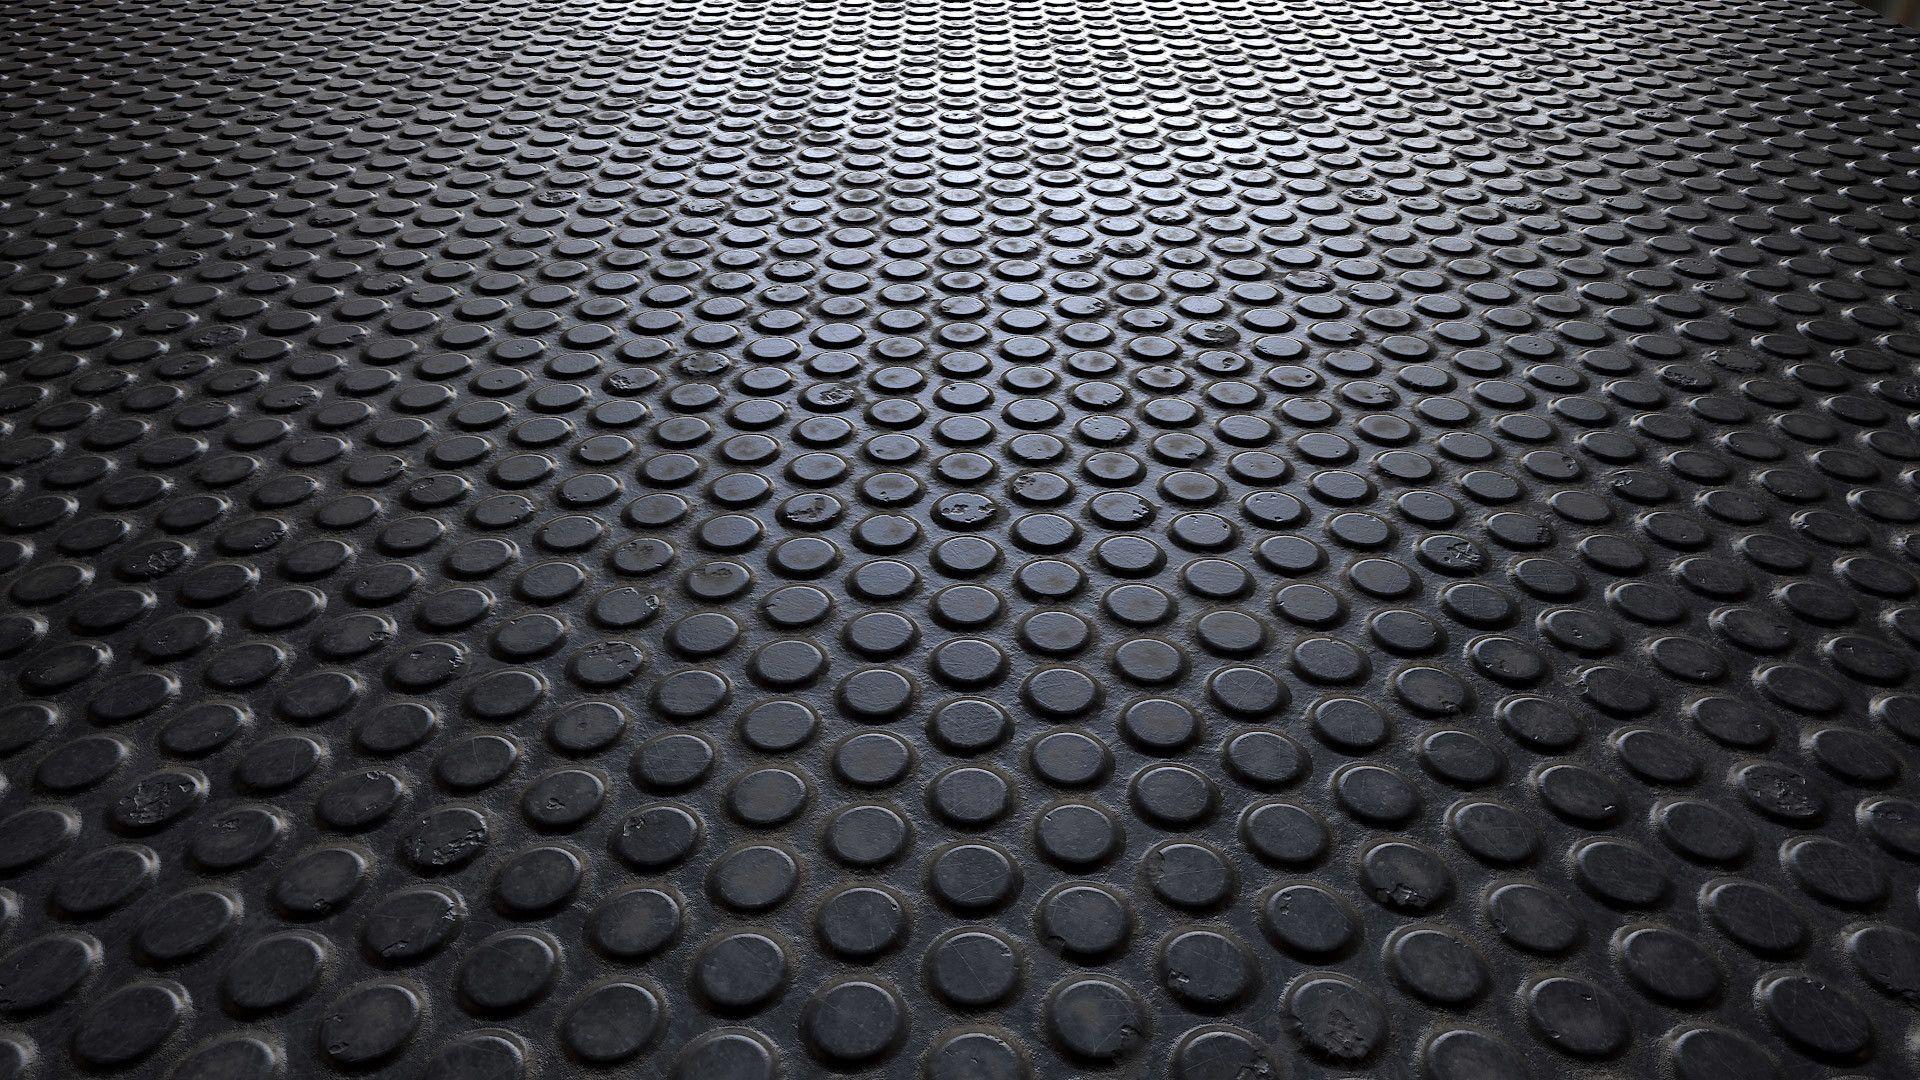 Artstation Rubber Coin Grip Floor Texture Aaron Hausmann Rubber Texture Floor Texture Texture